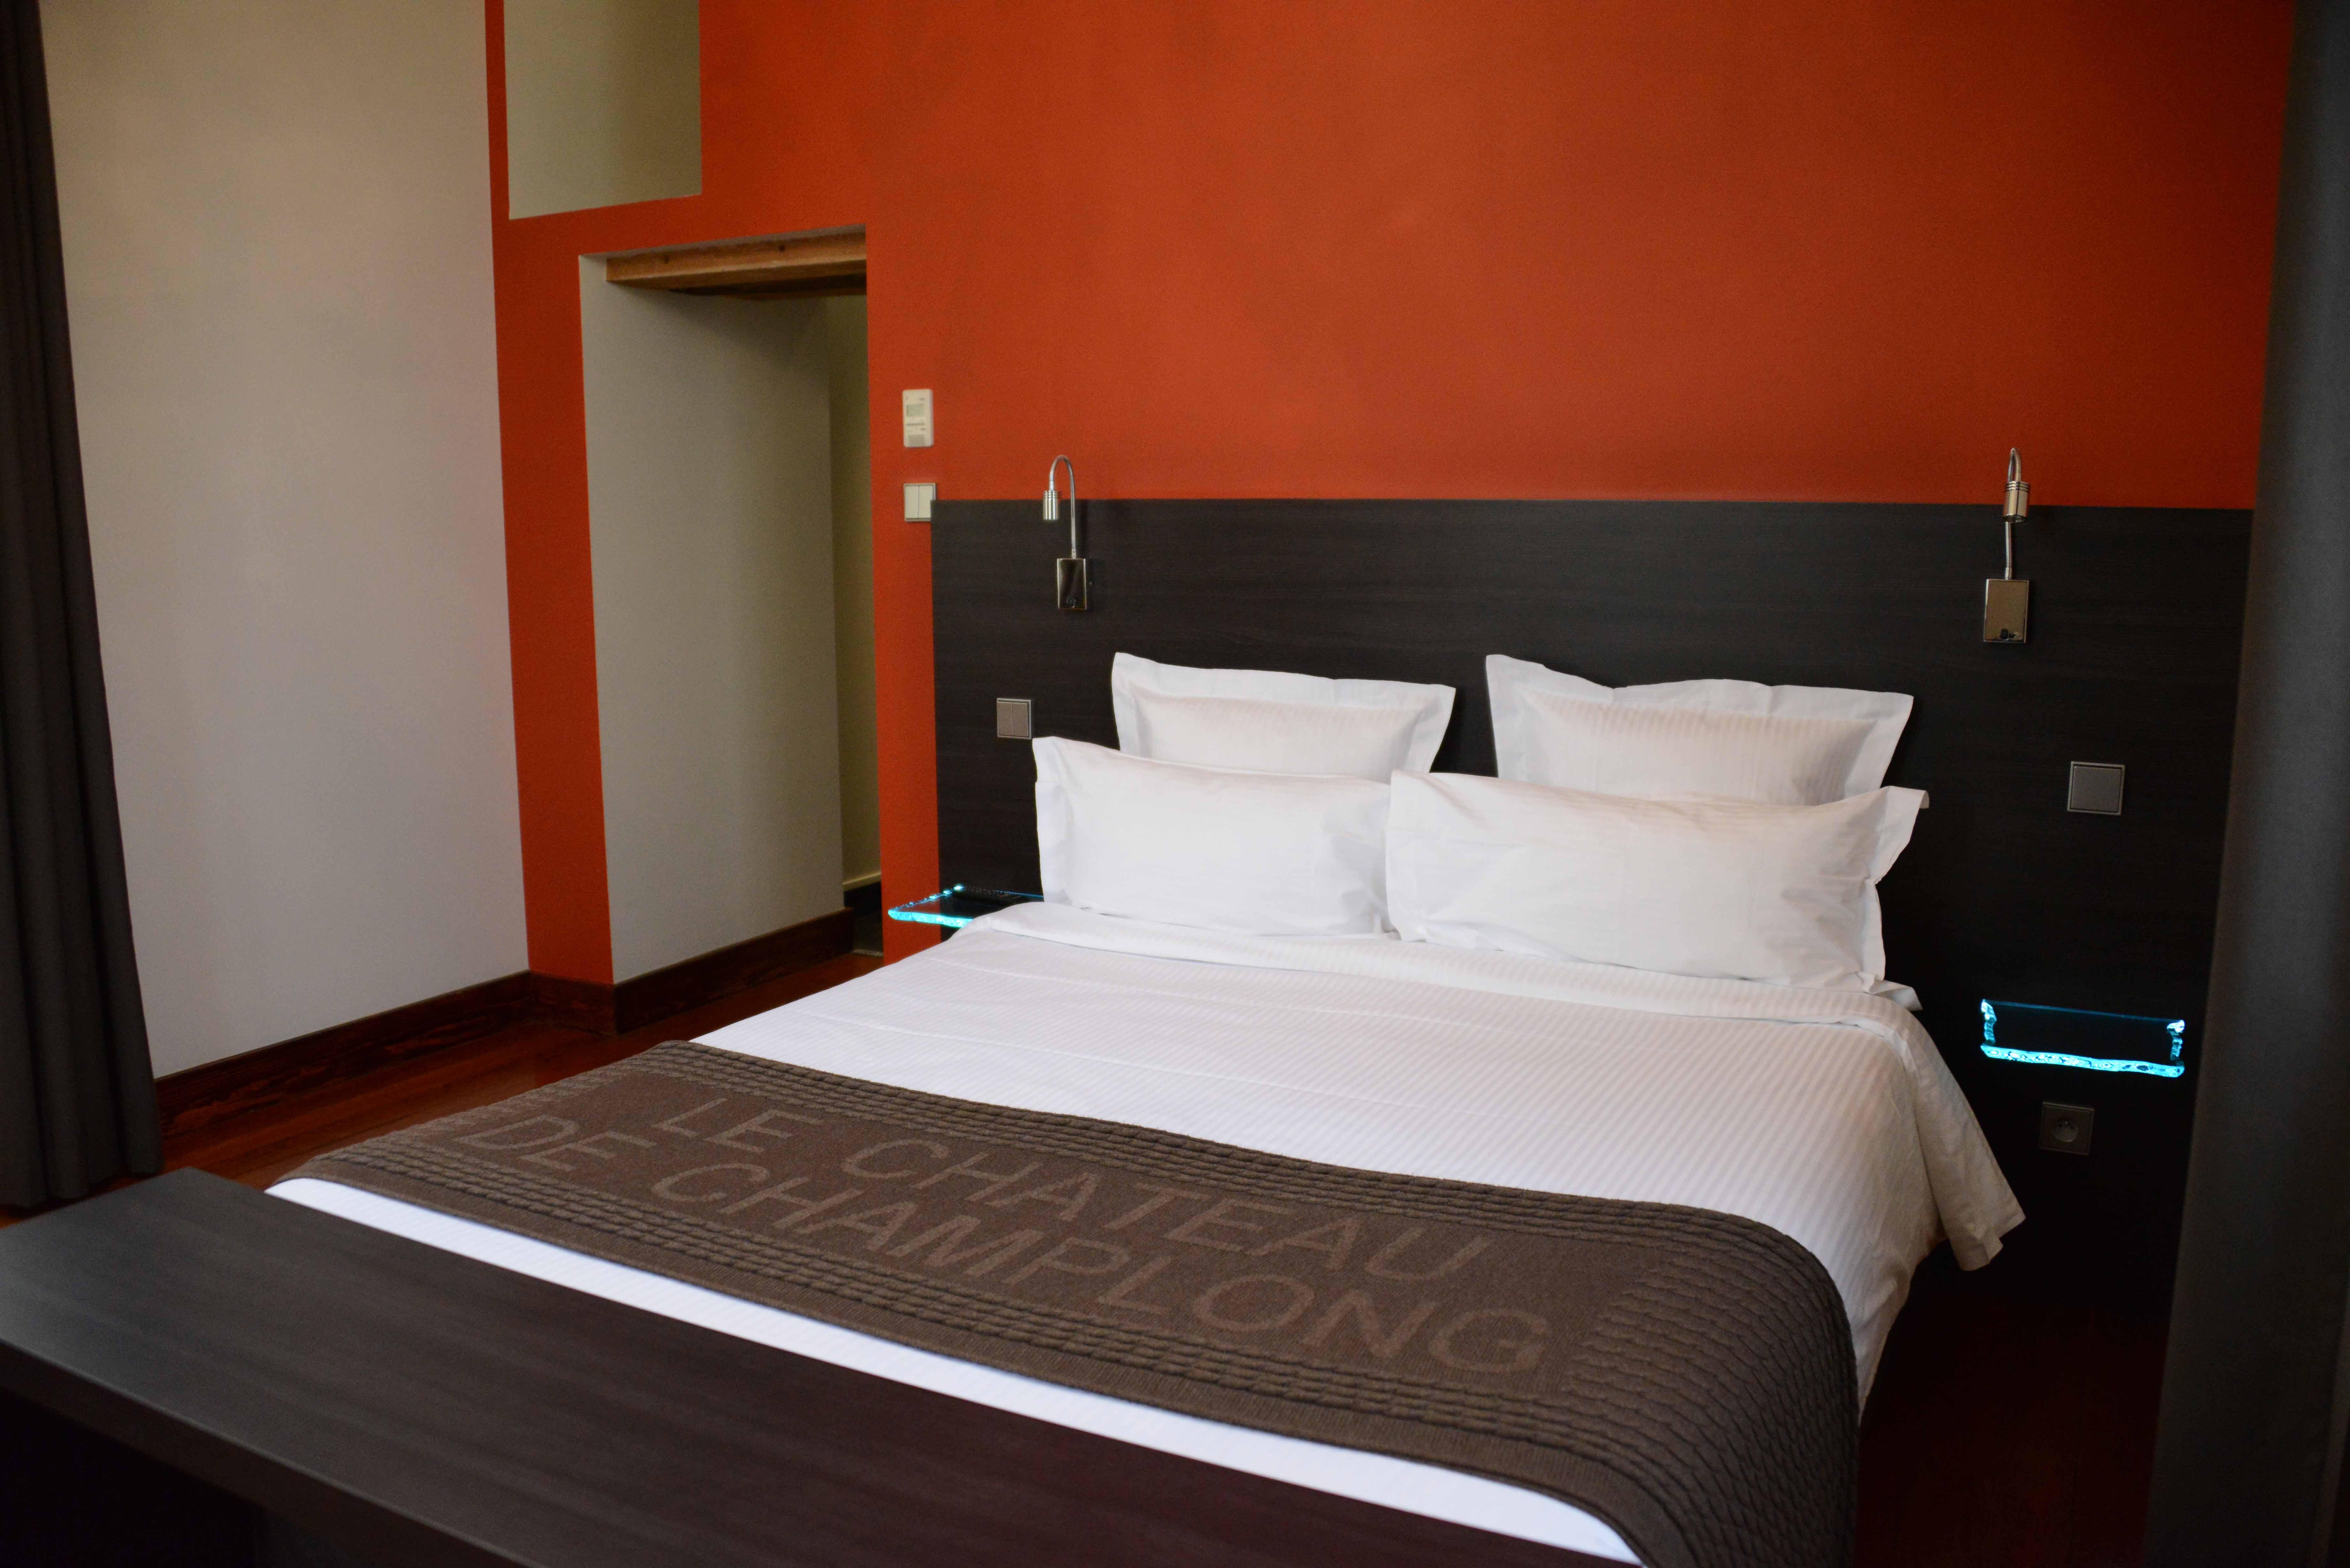 chambre lit double murs rouges